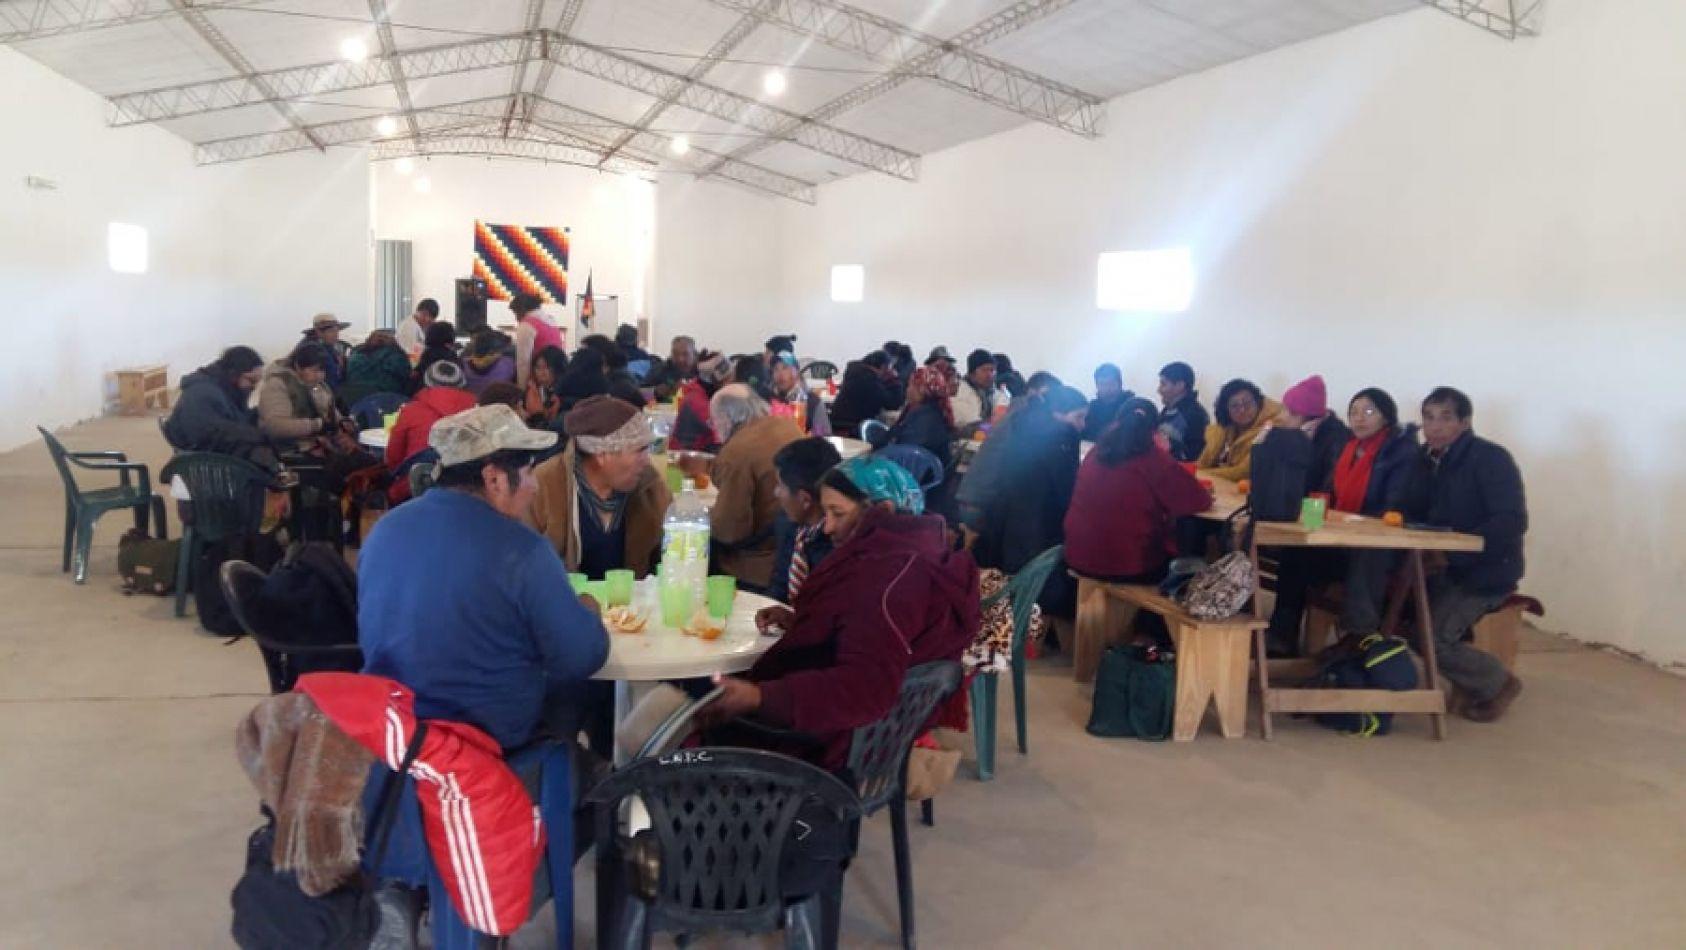 Asambleístas ratificaron su postura contra la minería y manifestaron la necesidad de fortalecer las actividades productivas locales